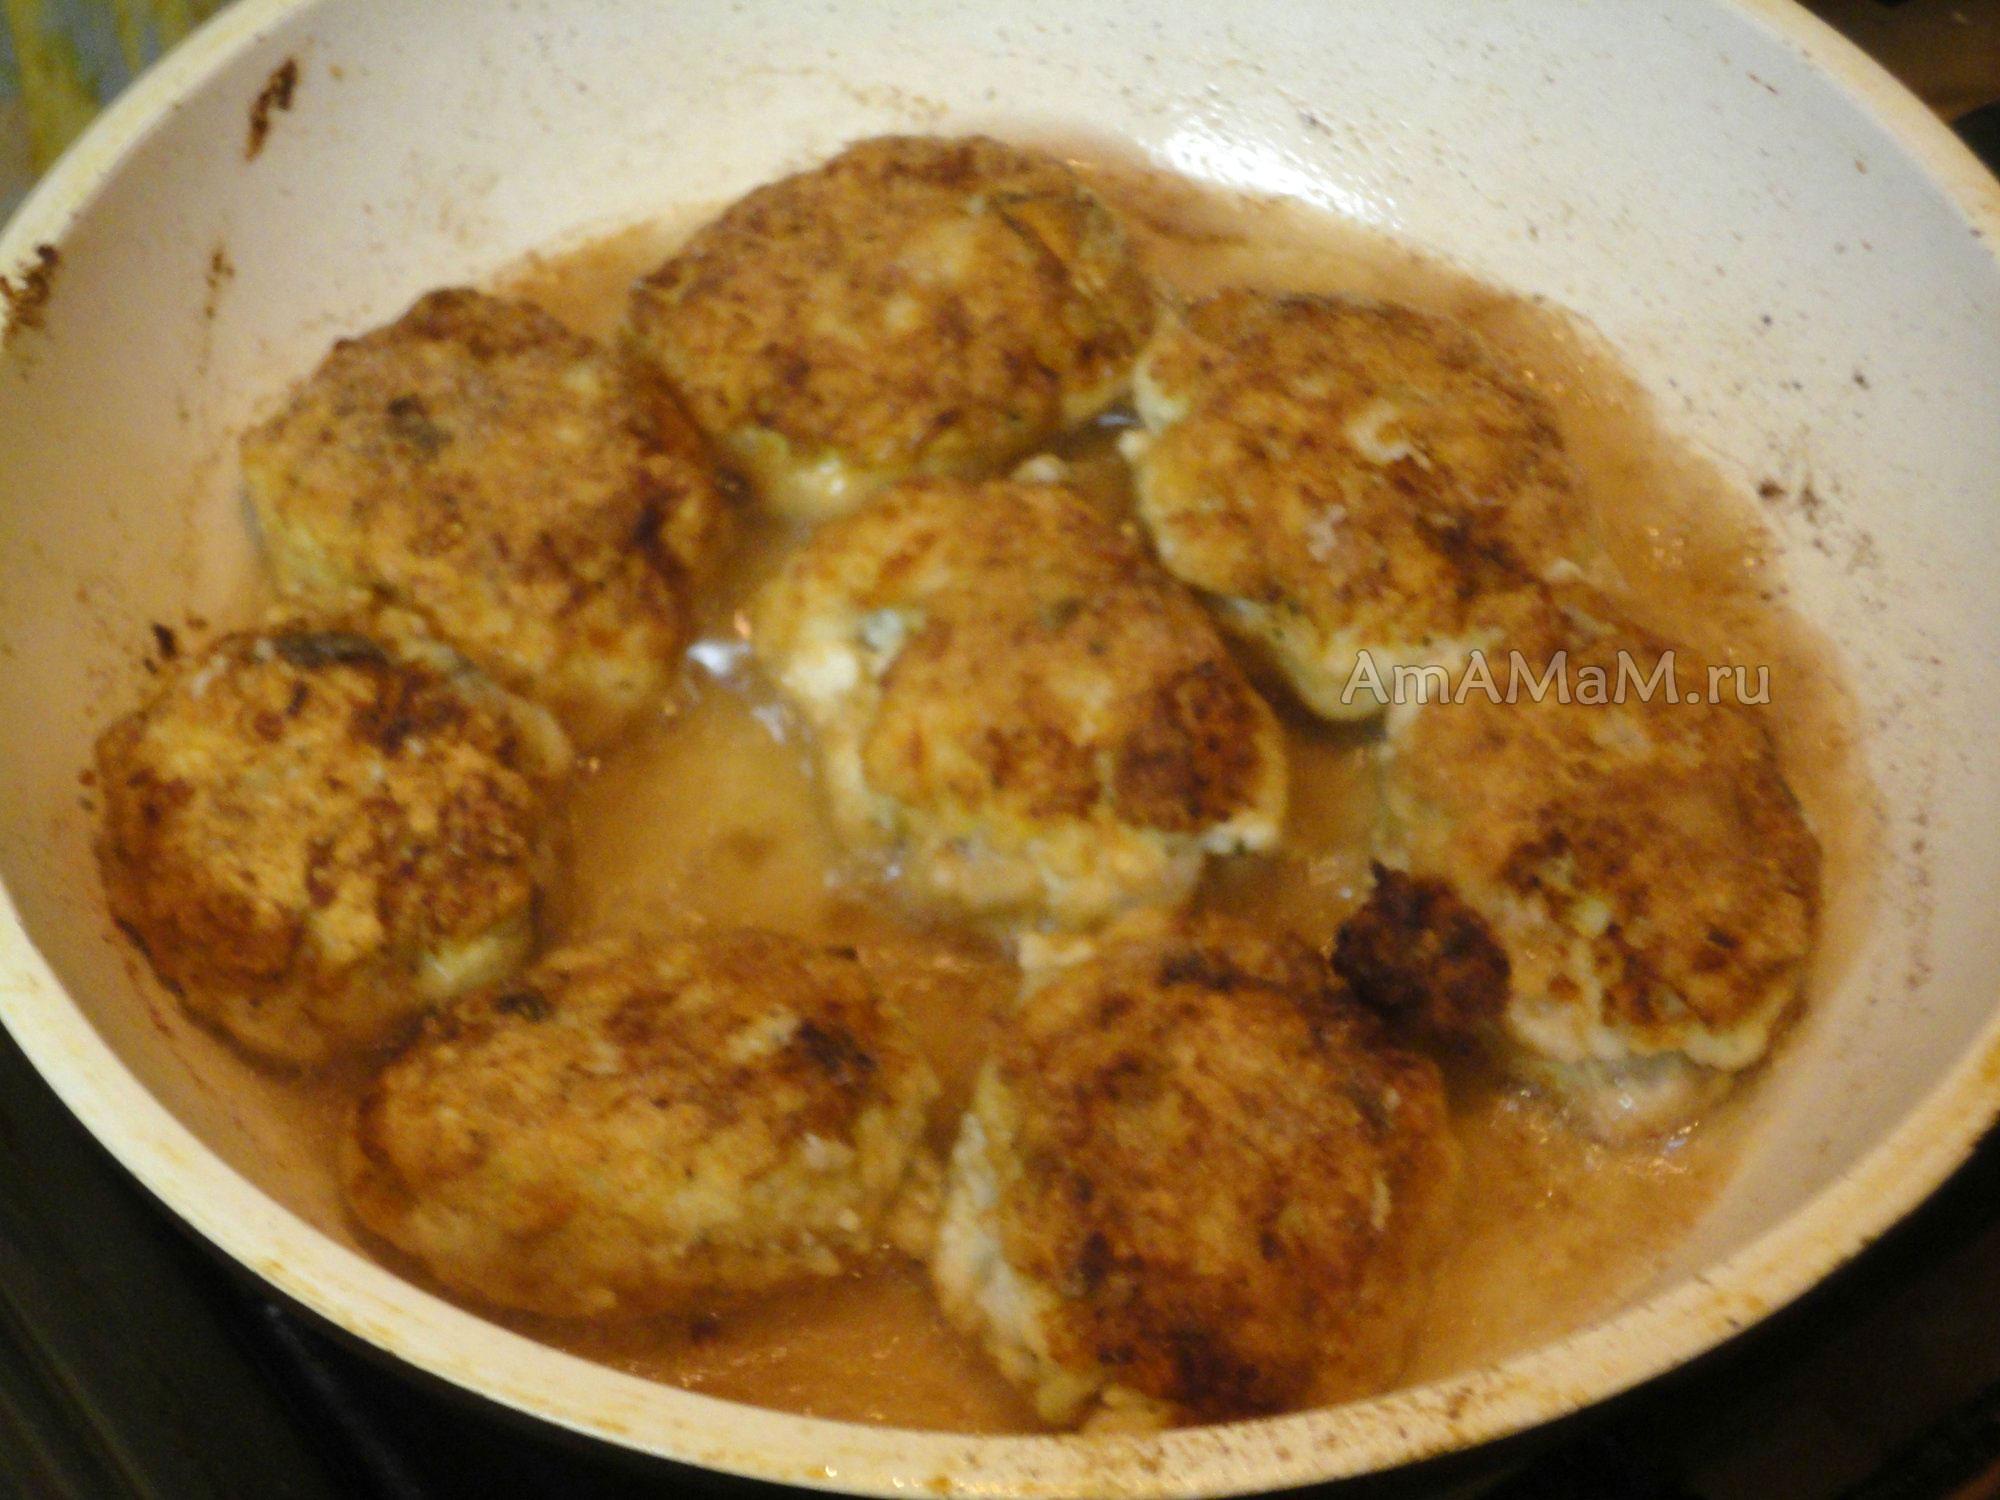 вкусные домашние котлеты из куриного фарша рецепт